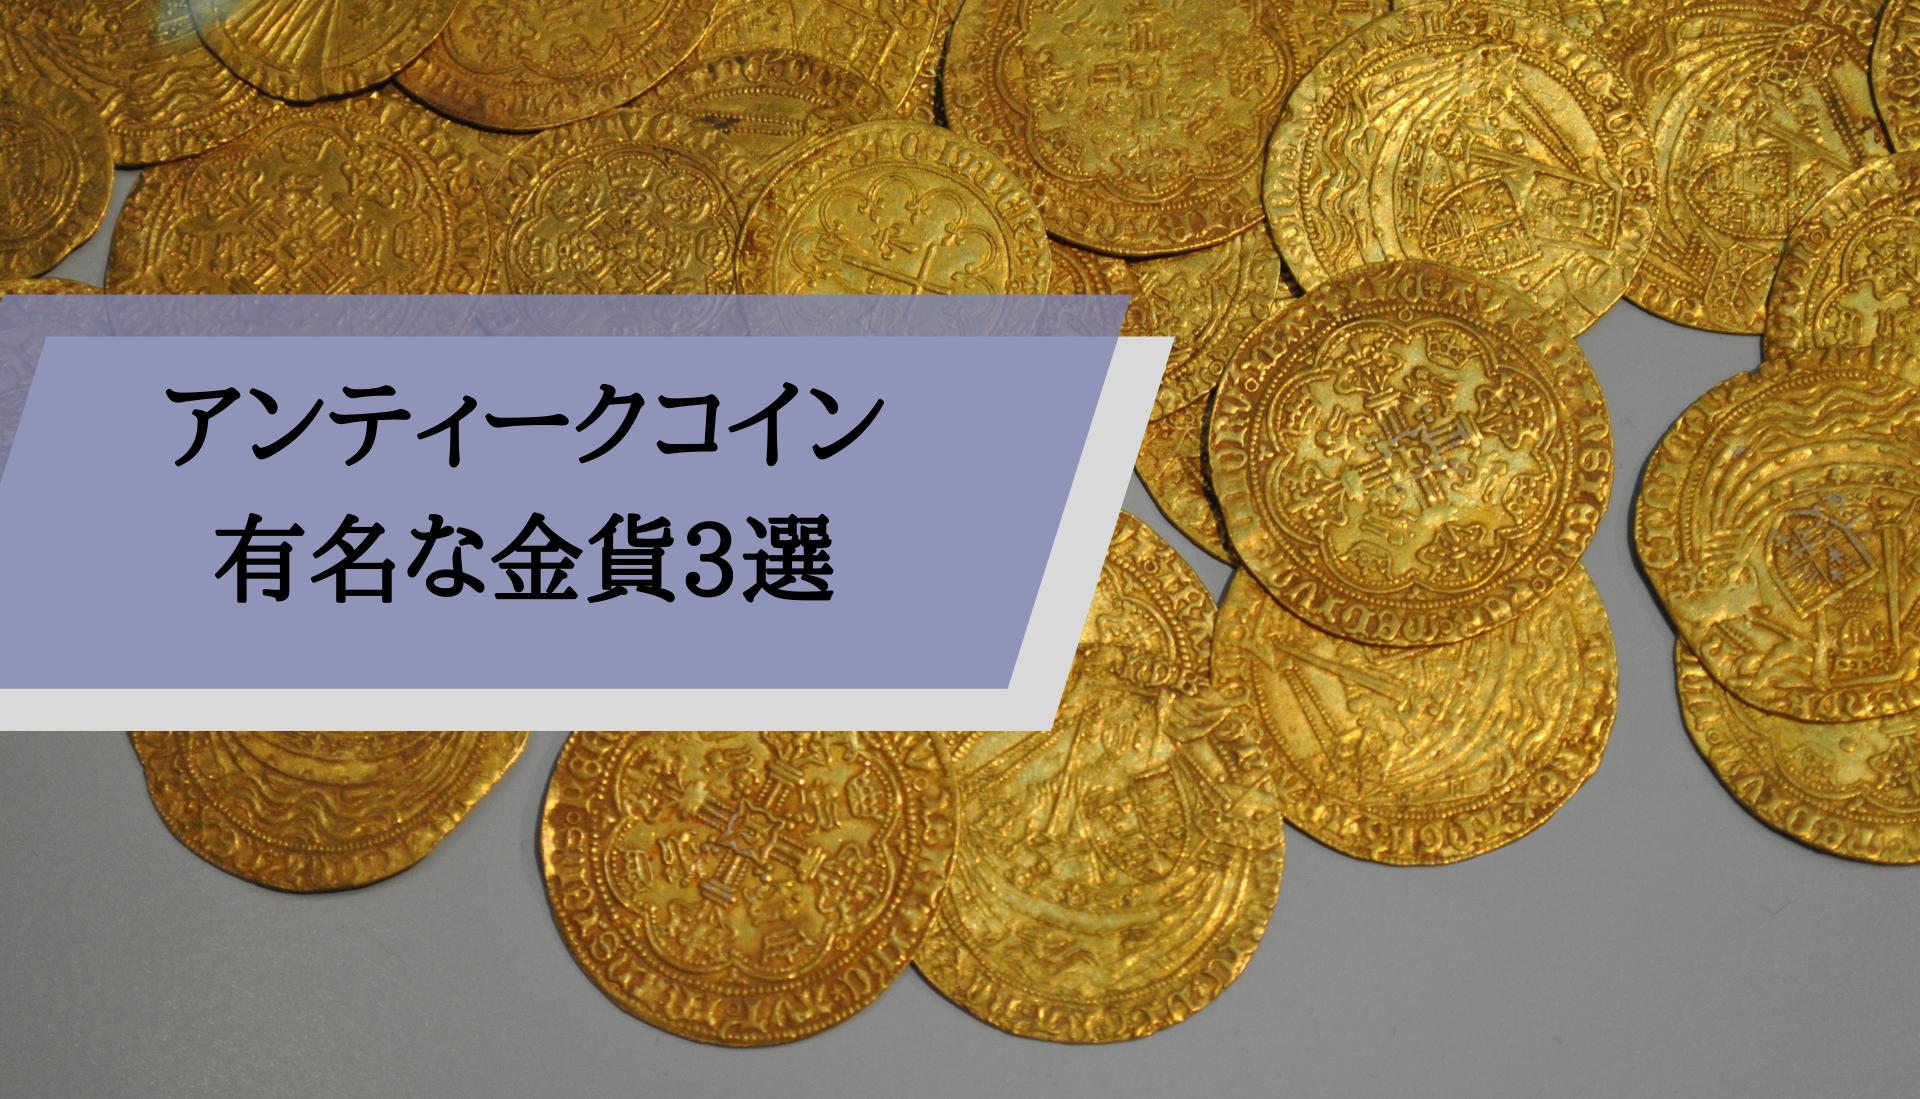 アンティークコイン金貨_3選